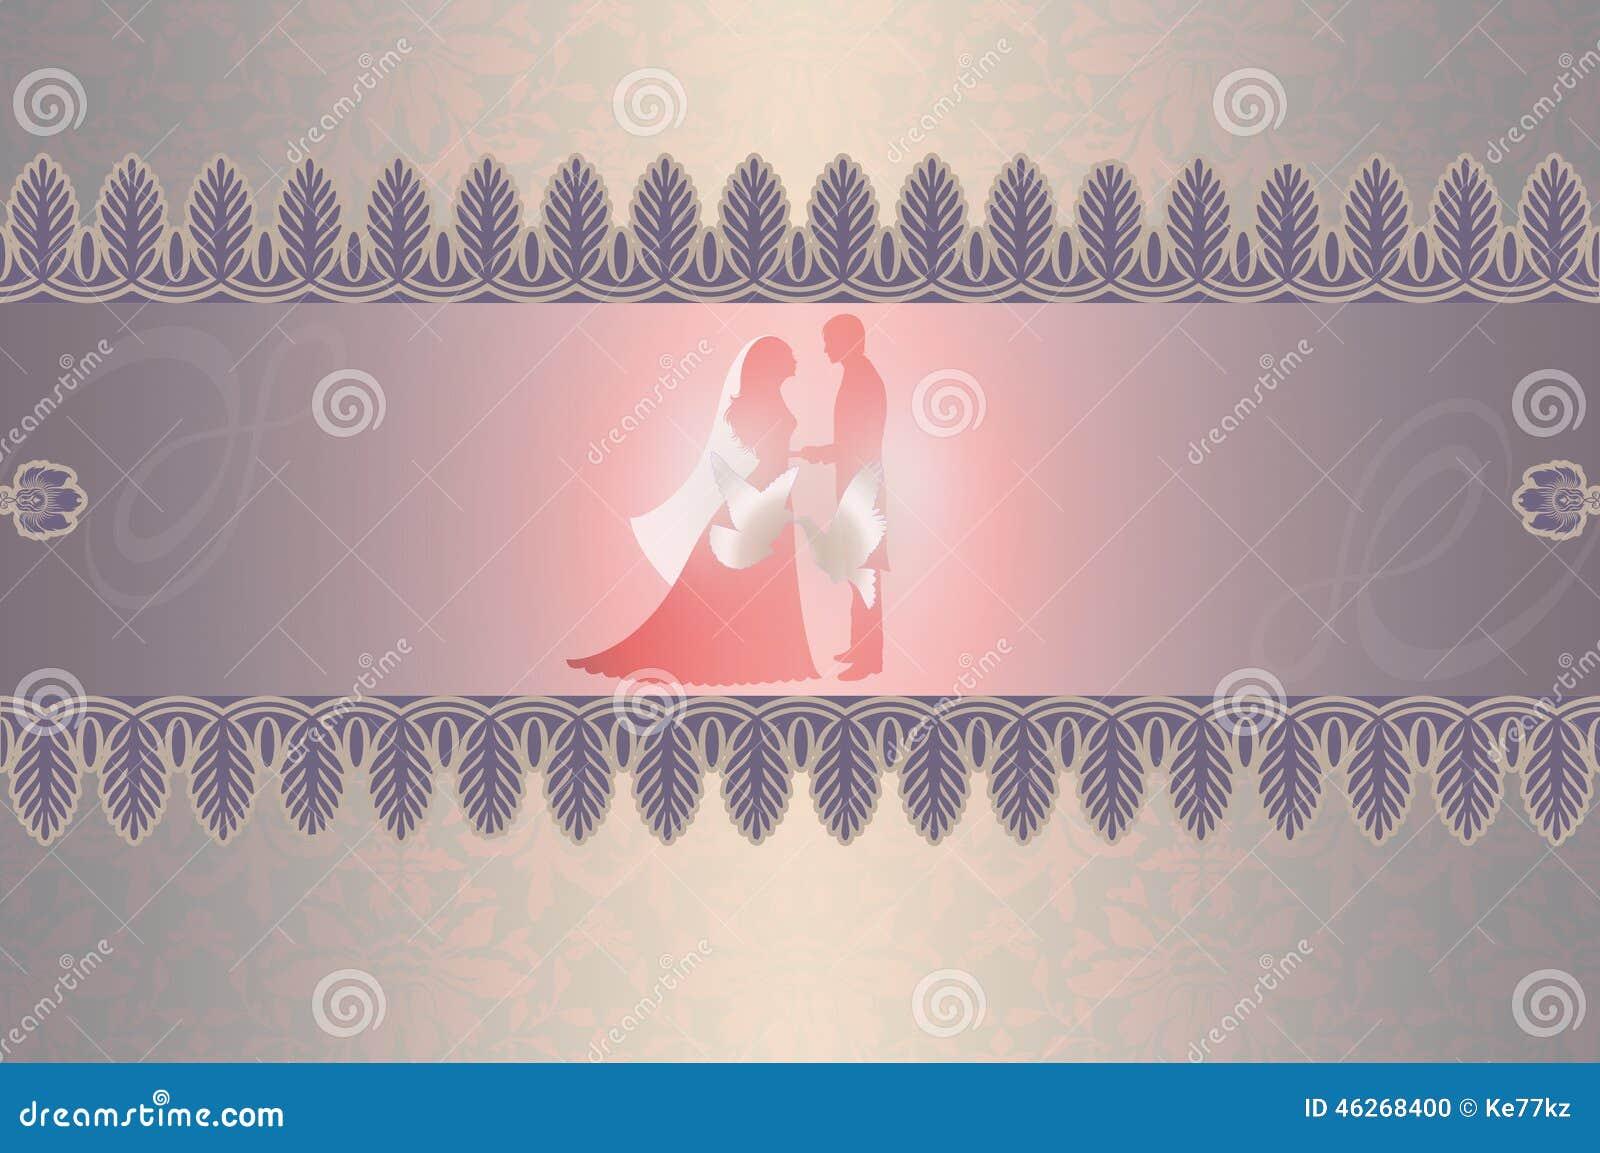 Fantastisch Chinesische Hochzeitseinladungsschablone Bilder ...